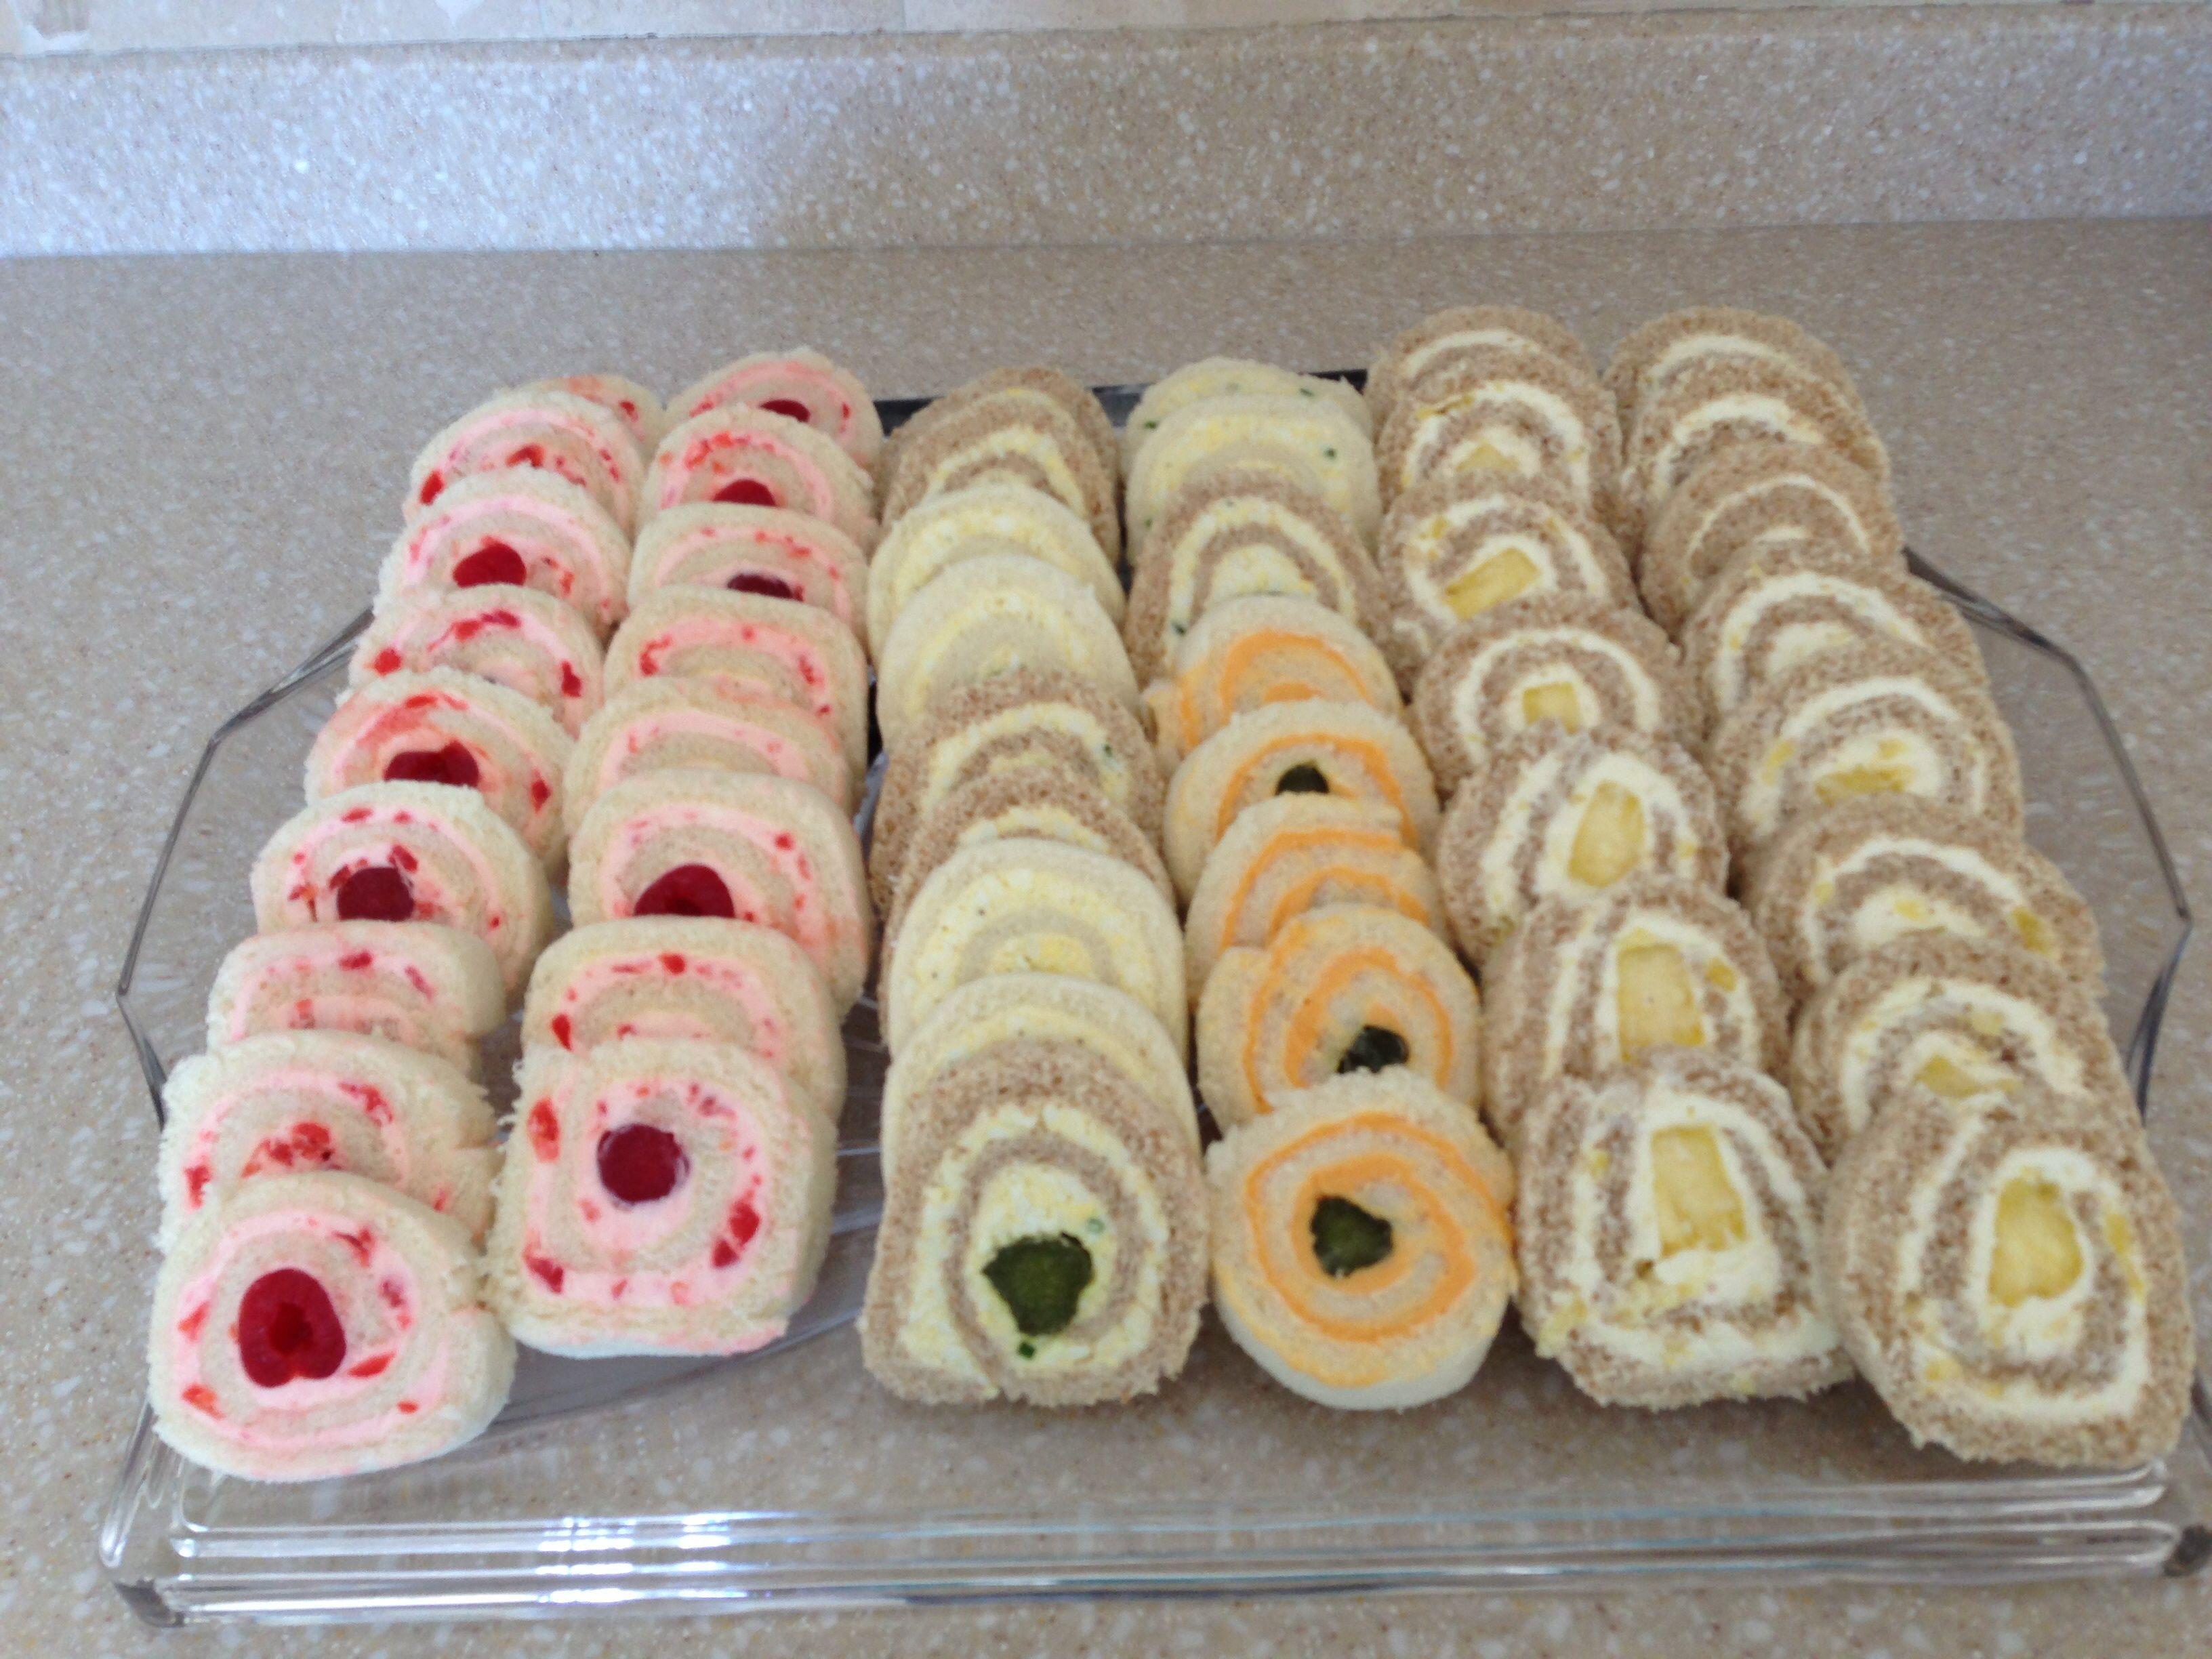 High tea menus and recipes - Pinwheel Tea Sandwiches Are Easy To Make